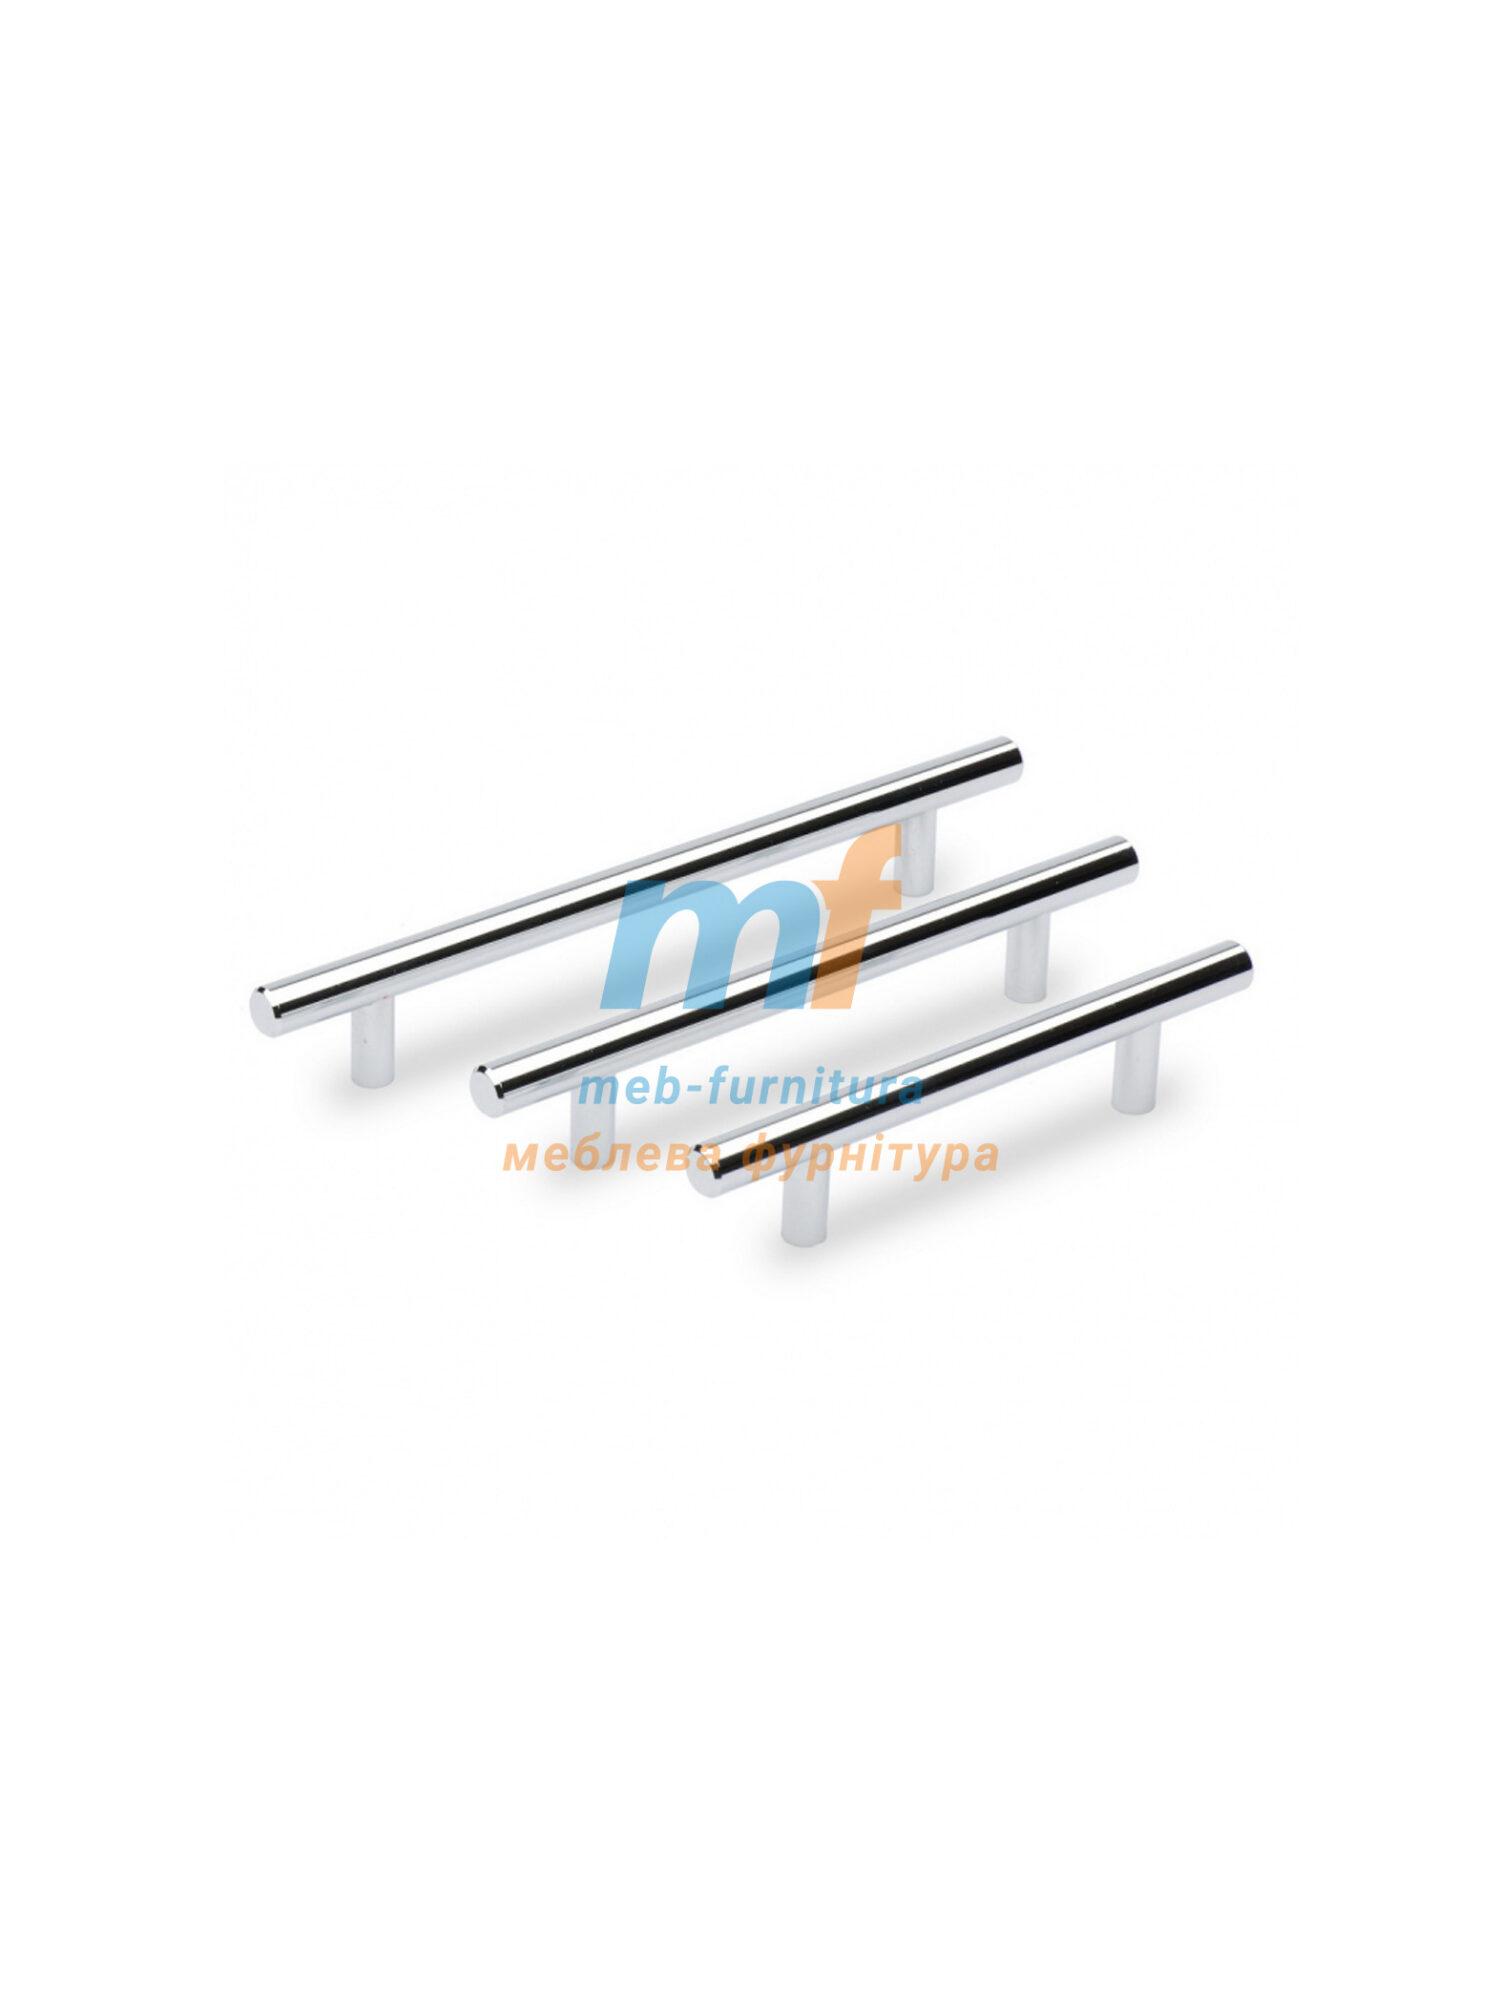 Ручка мебельная релинг 480мм - хром